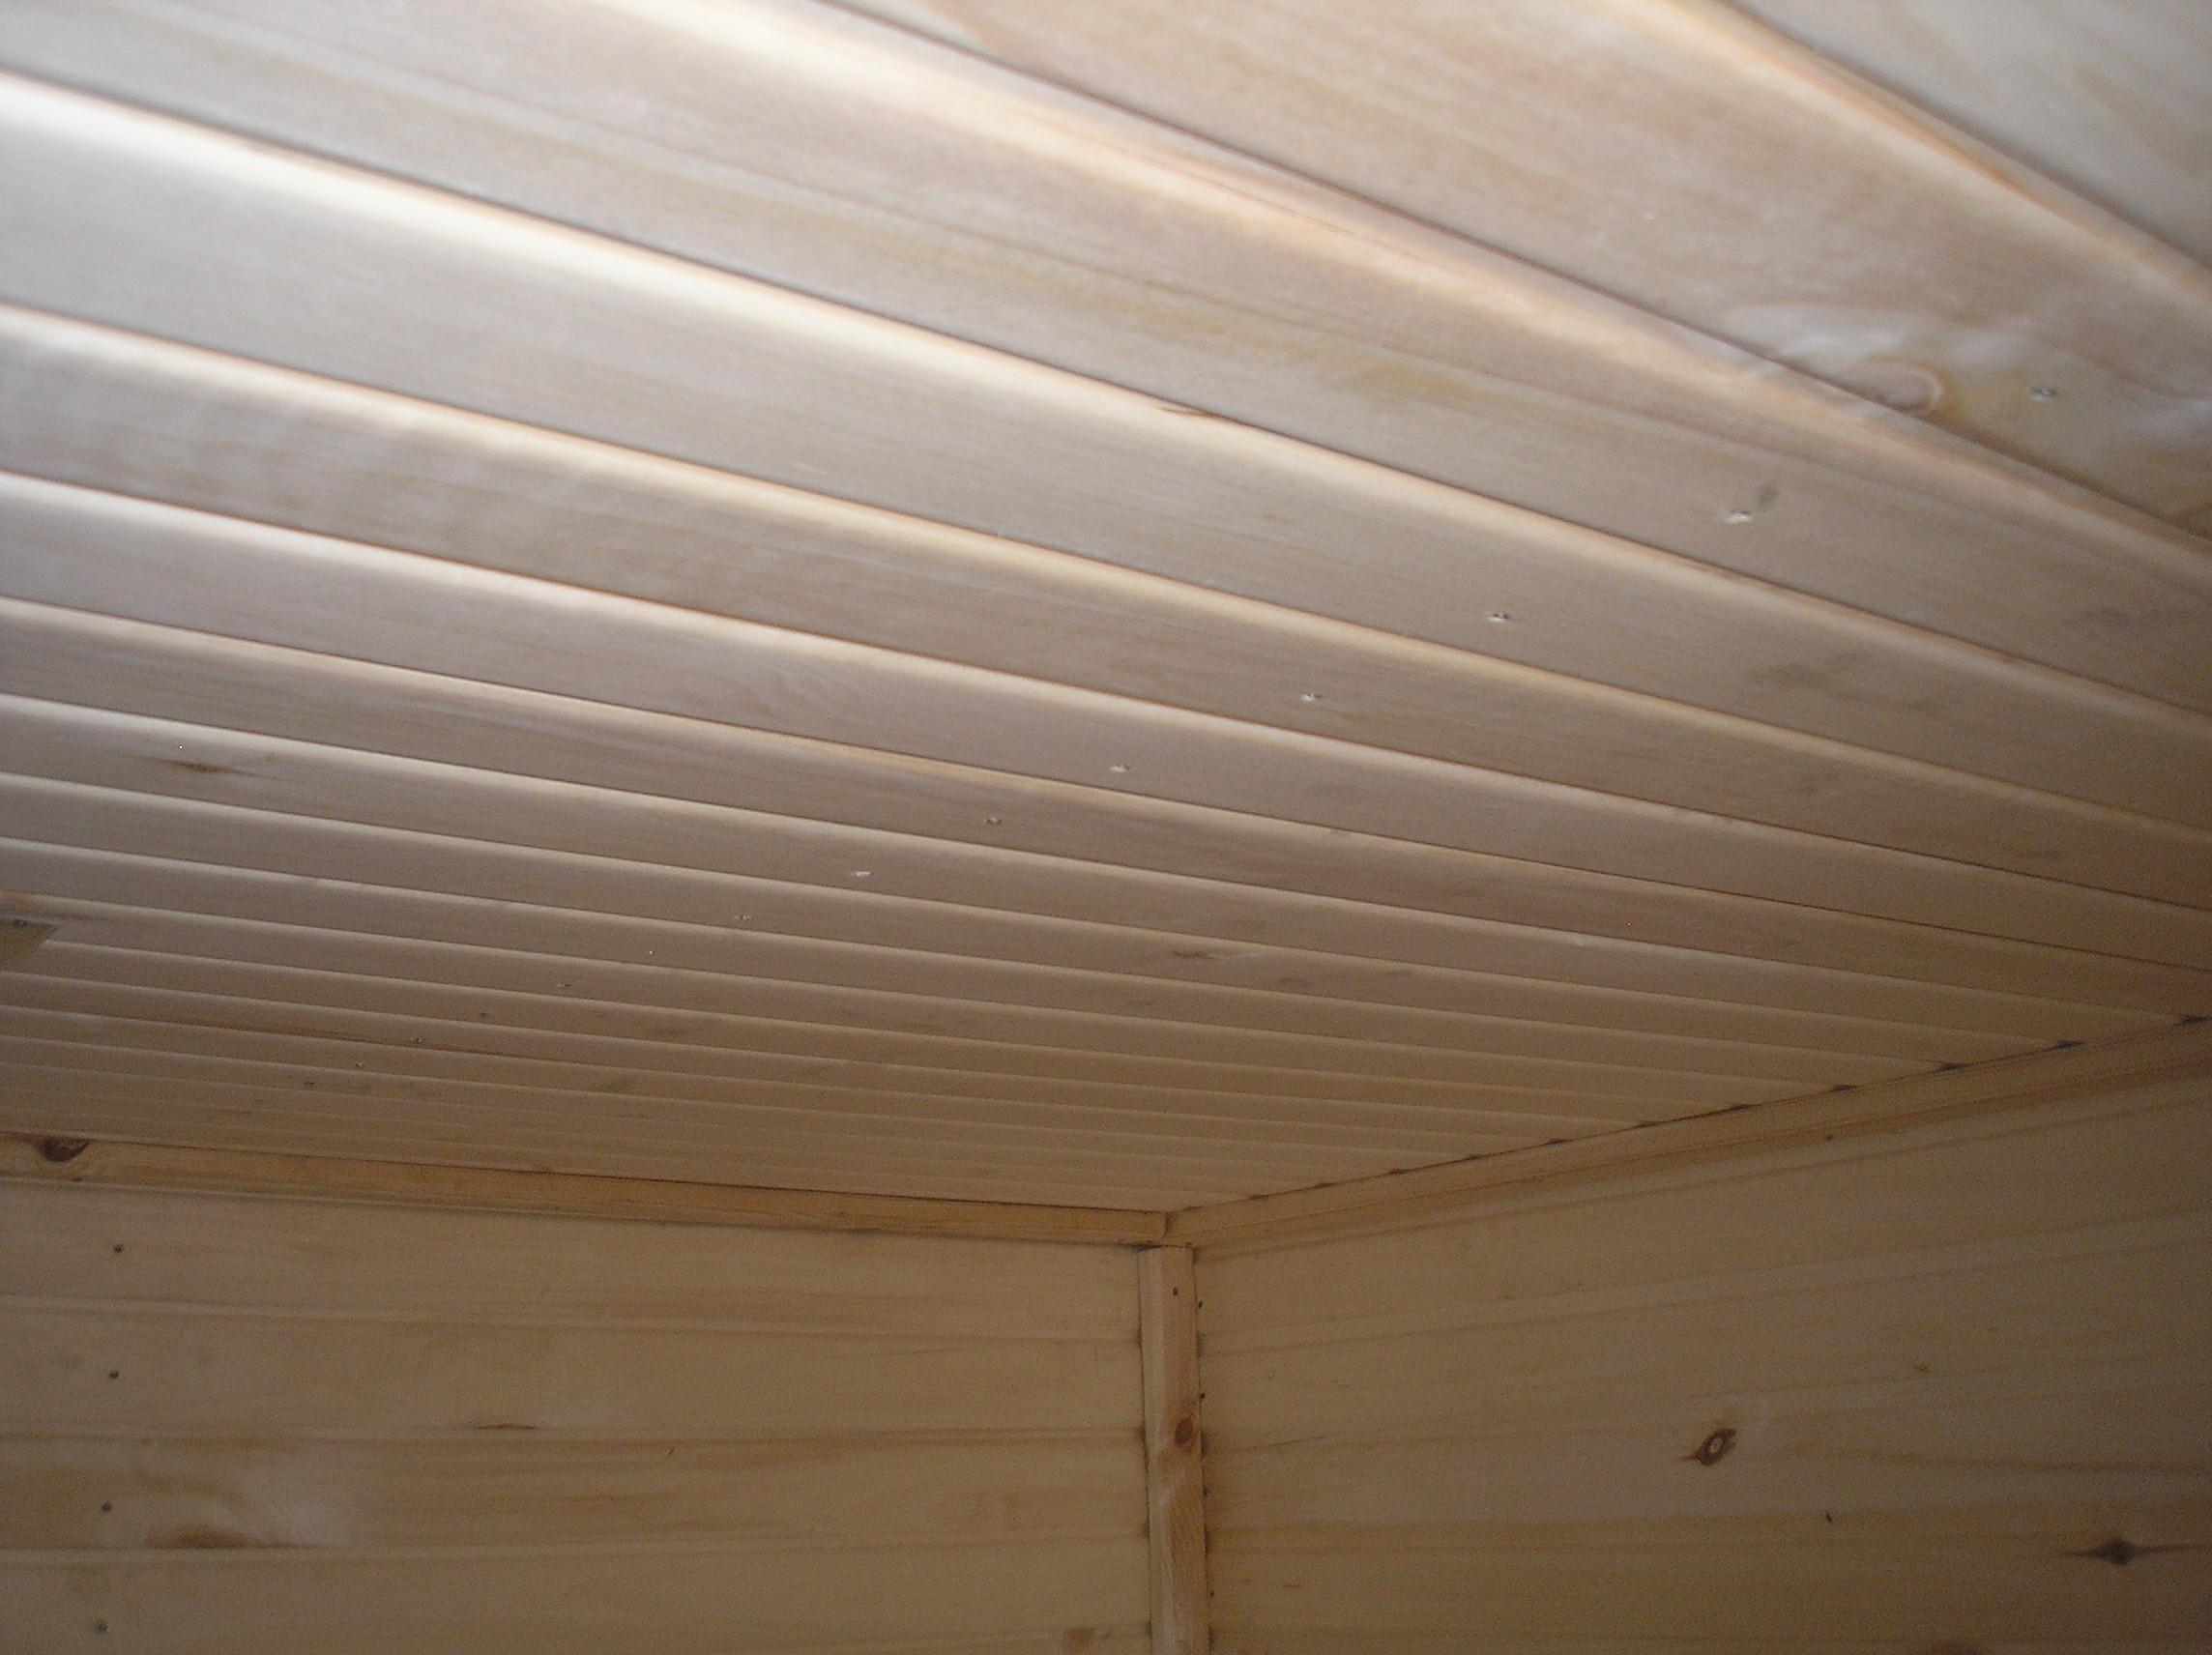 Отделка (обшивка) бани внутри вагонкой своими руками монтаж деревянной 15